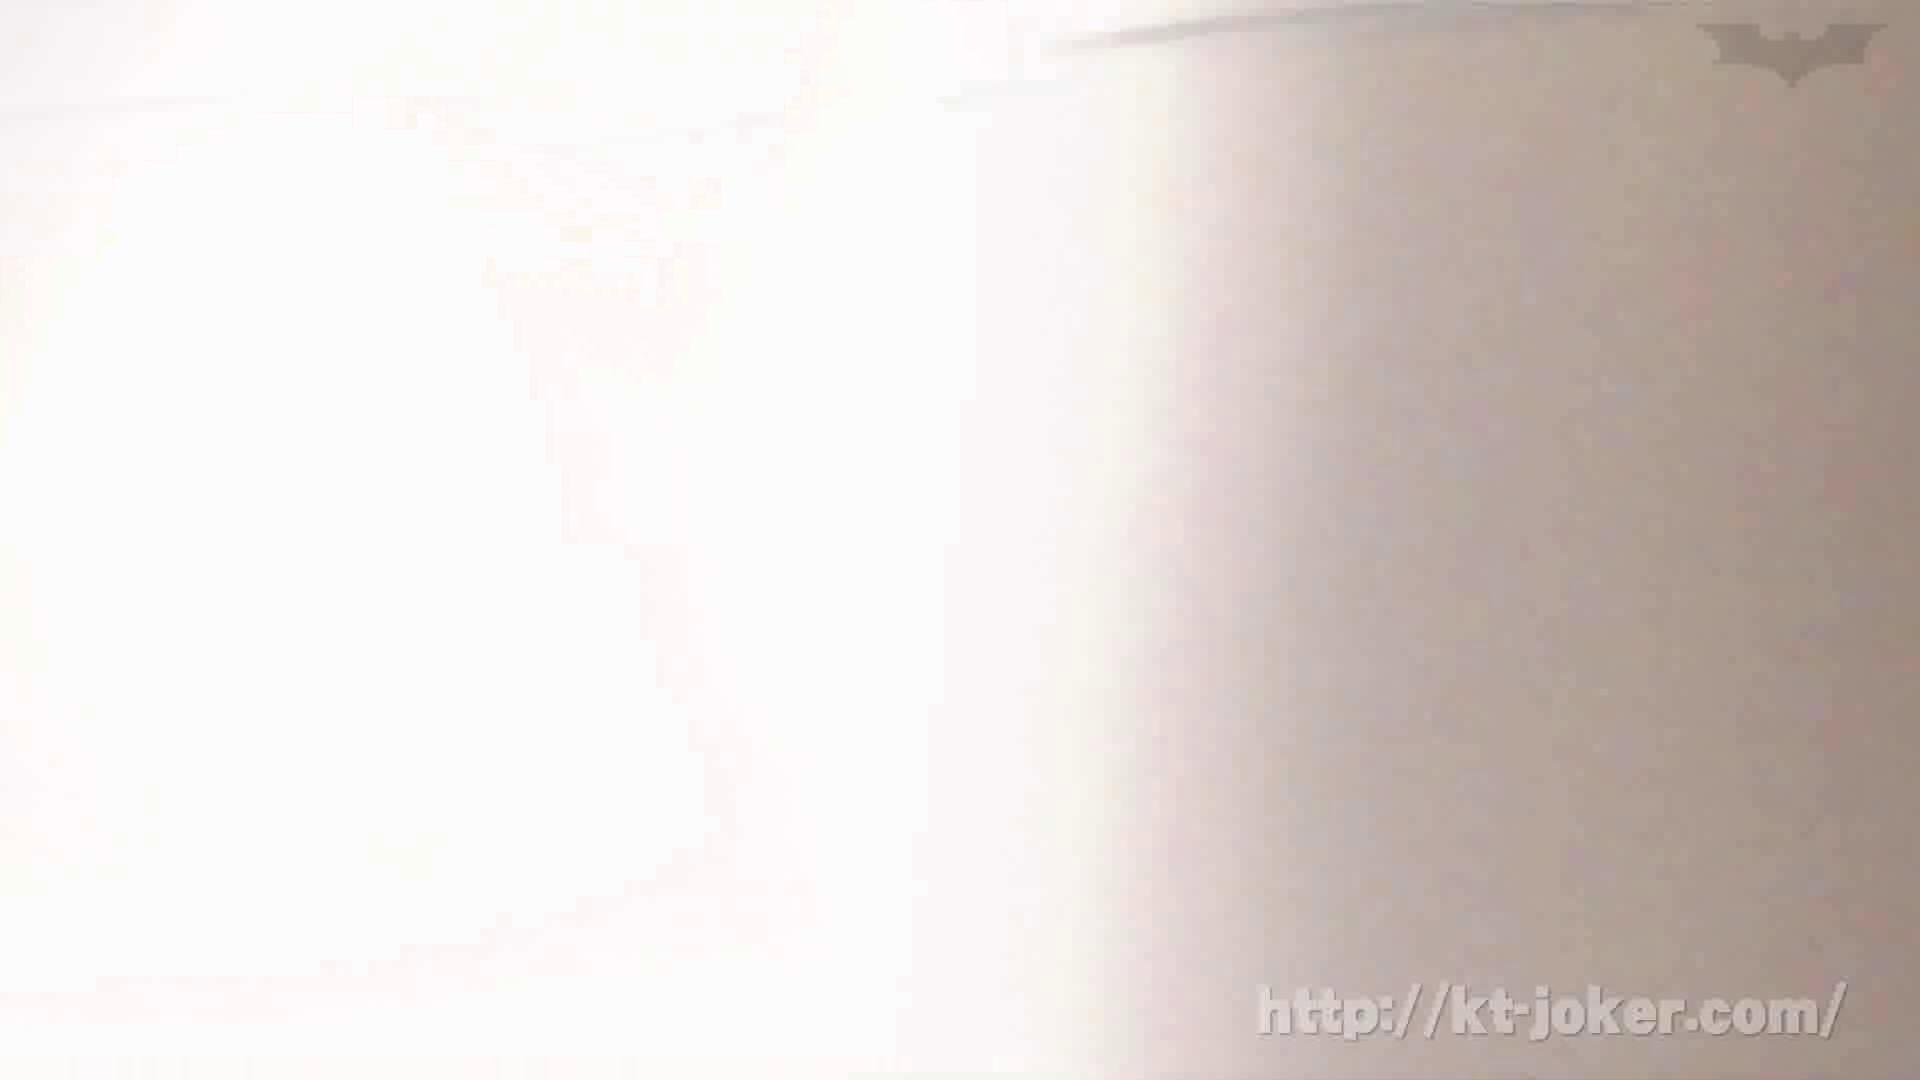 命がけ潜伏洗面所! vol.68 レベルアップ!! 洗面所 盗撮動画紹介 65連発 5